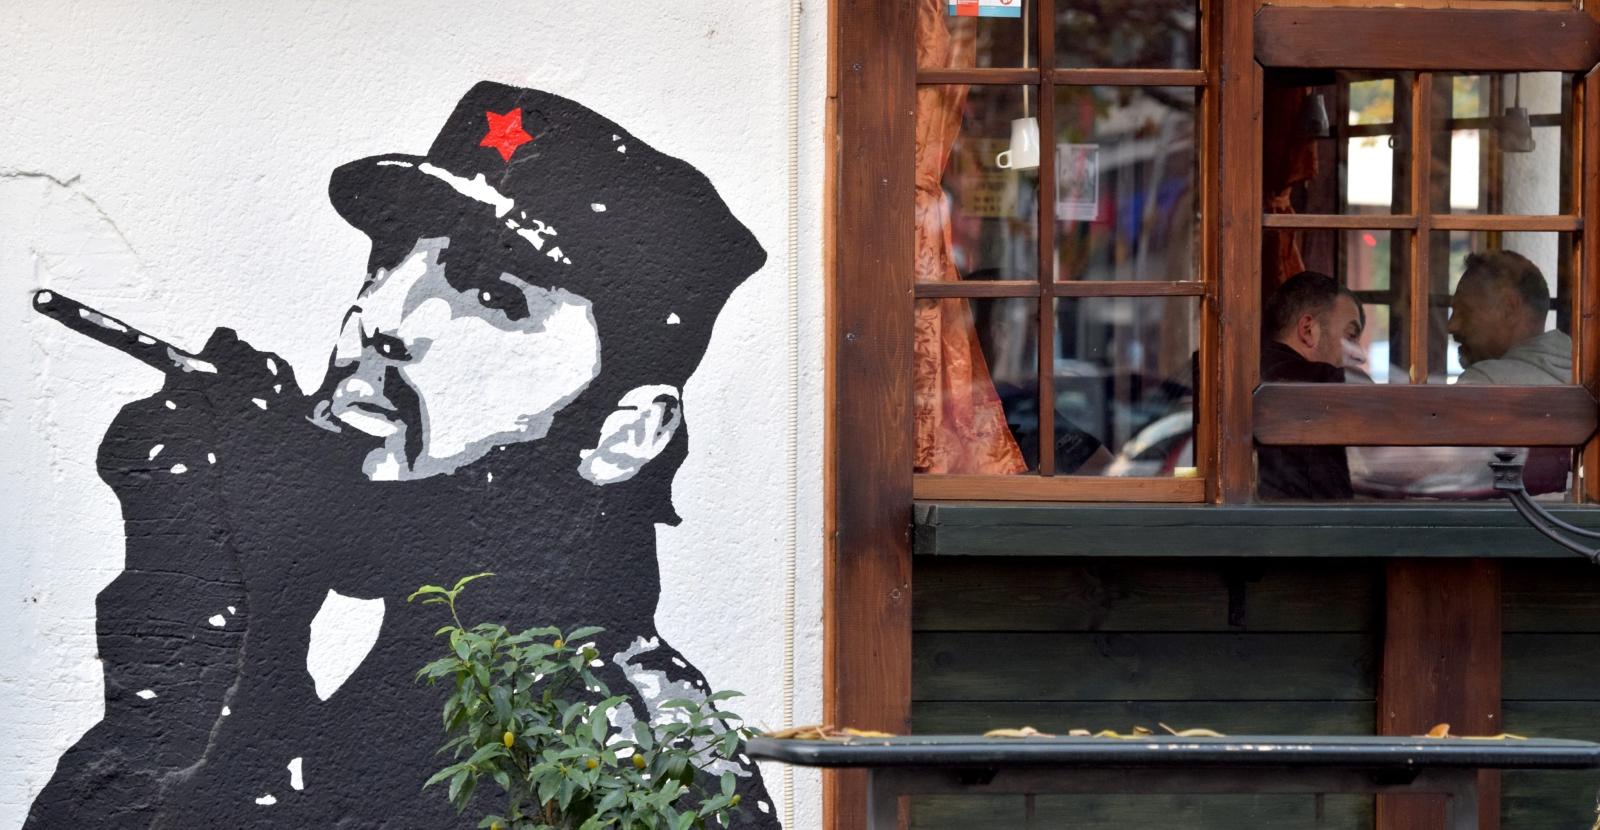 Ludzie siedzą w kawiarni obok murala z wizerunkiem zmarłego kubańskiego dyktatora, Podgorica, Montenegro.